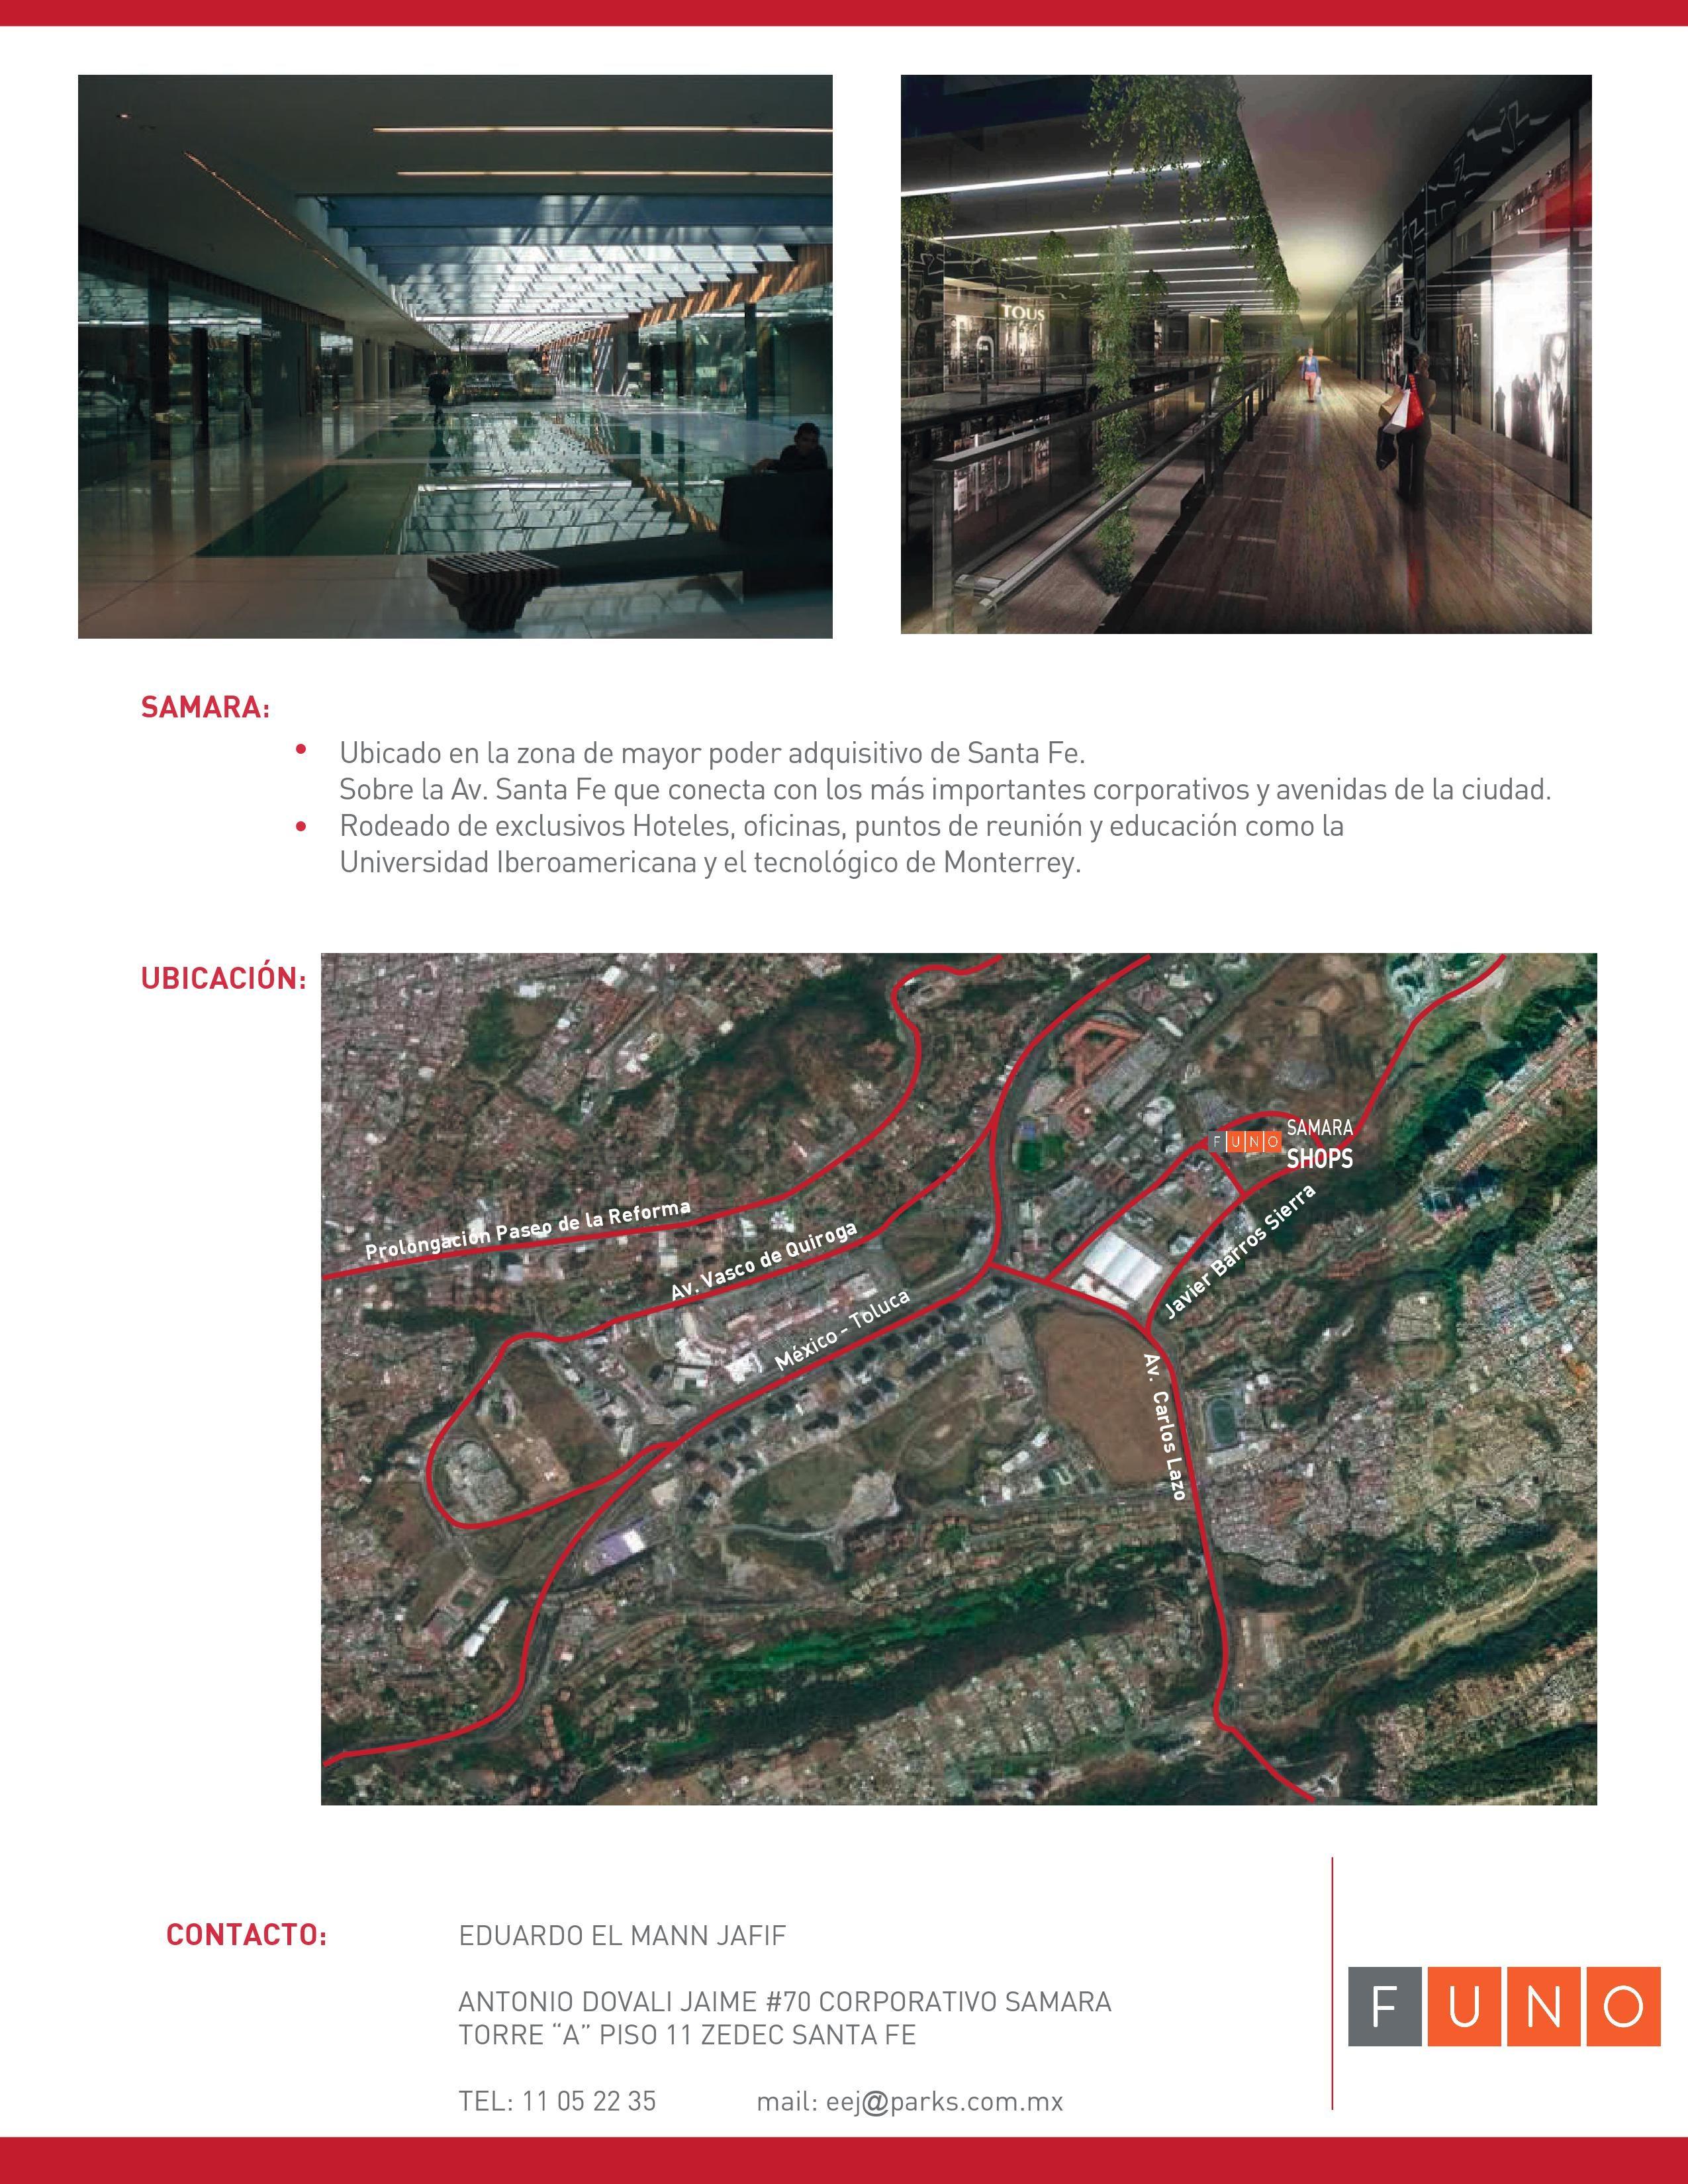 Co-Brochure Samara Shops (2)